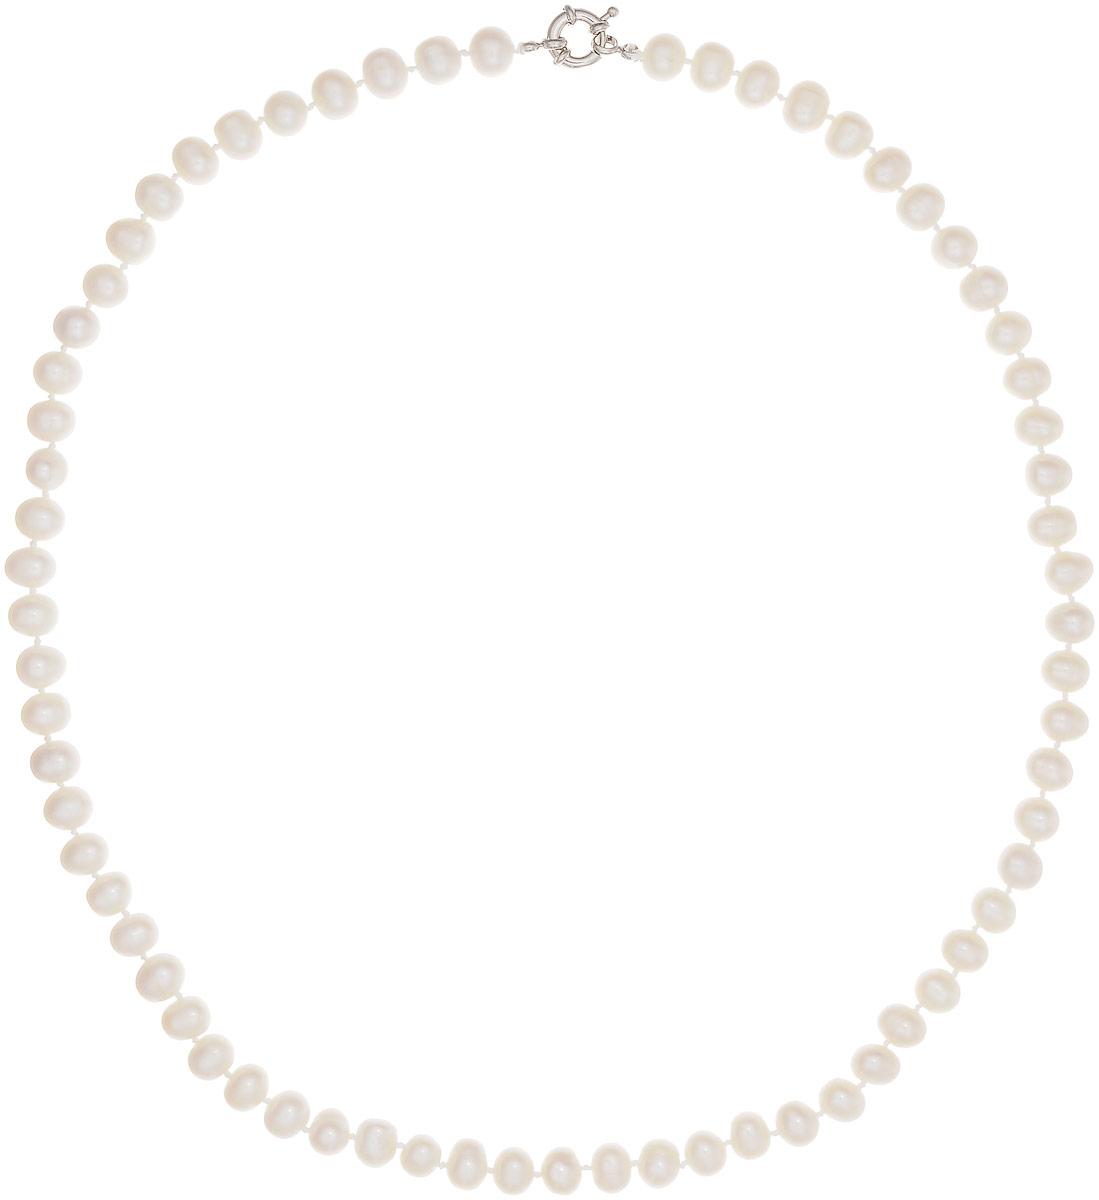 Бусы Art-Silver, цвет: белый, длина 60 см. КЖб8-9А+60-806КЖб8-9А+60-806Бусы Art-Silver выполнены из бижутерного сплава и культивированного жемчуга. Изделие оснащено удобной шпренгельной застежкой.